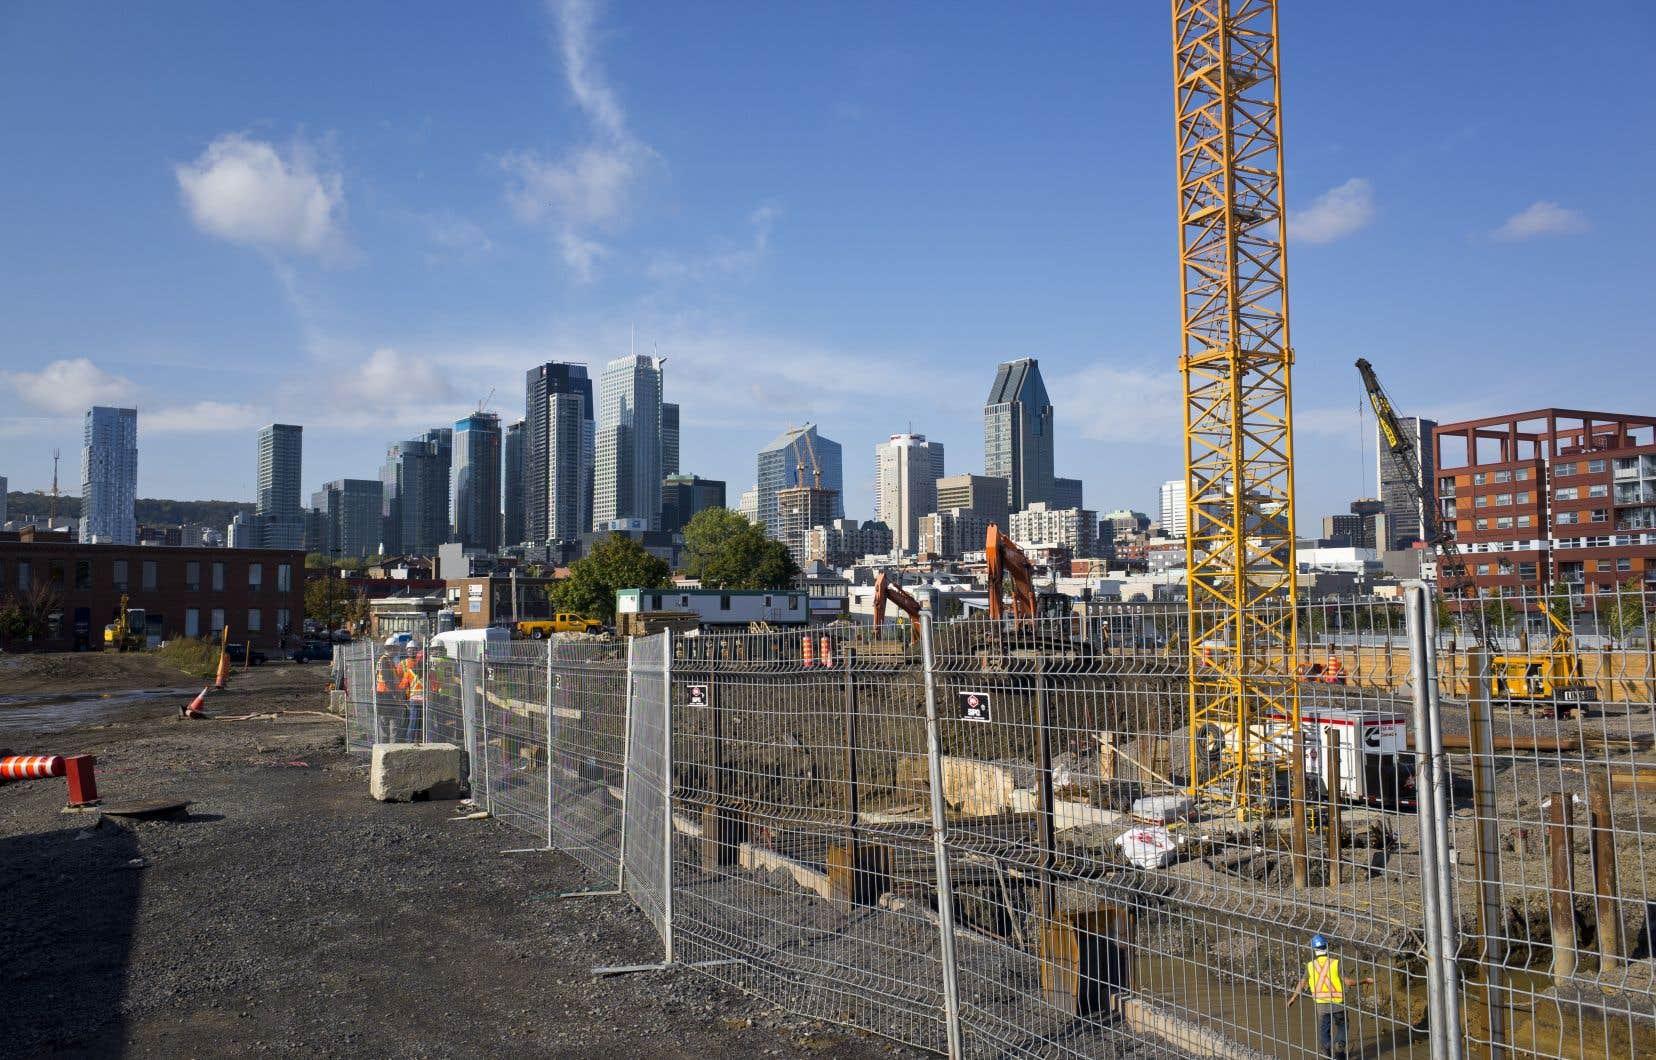 <p>La contribution des promoteurs à la mixité pourra se faire par la construction de logements sociaux ou abordables, par la cession de terrains à la Ville ou par une contribution financière.</p>